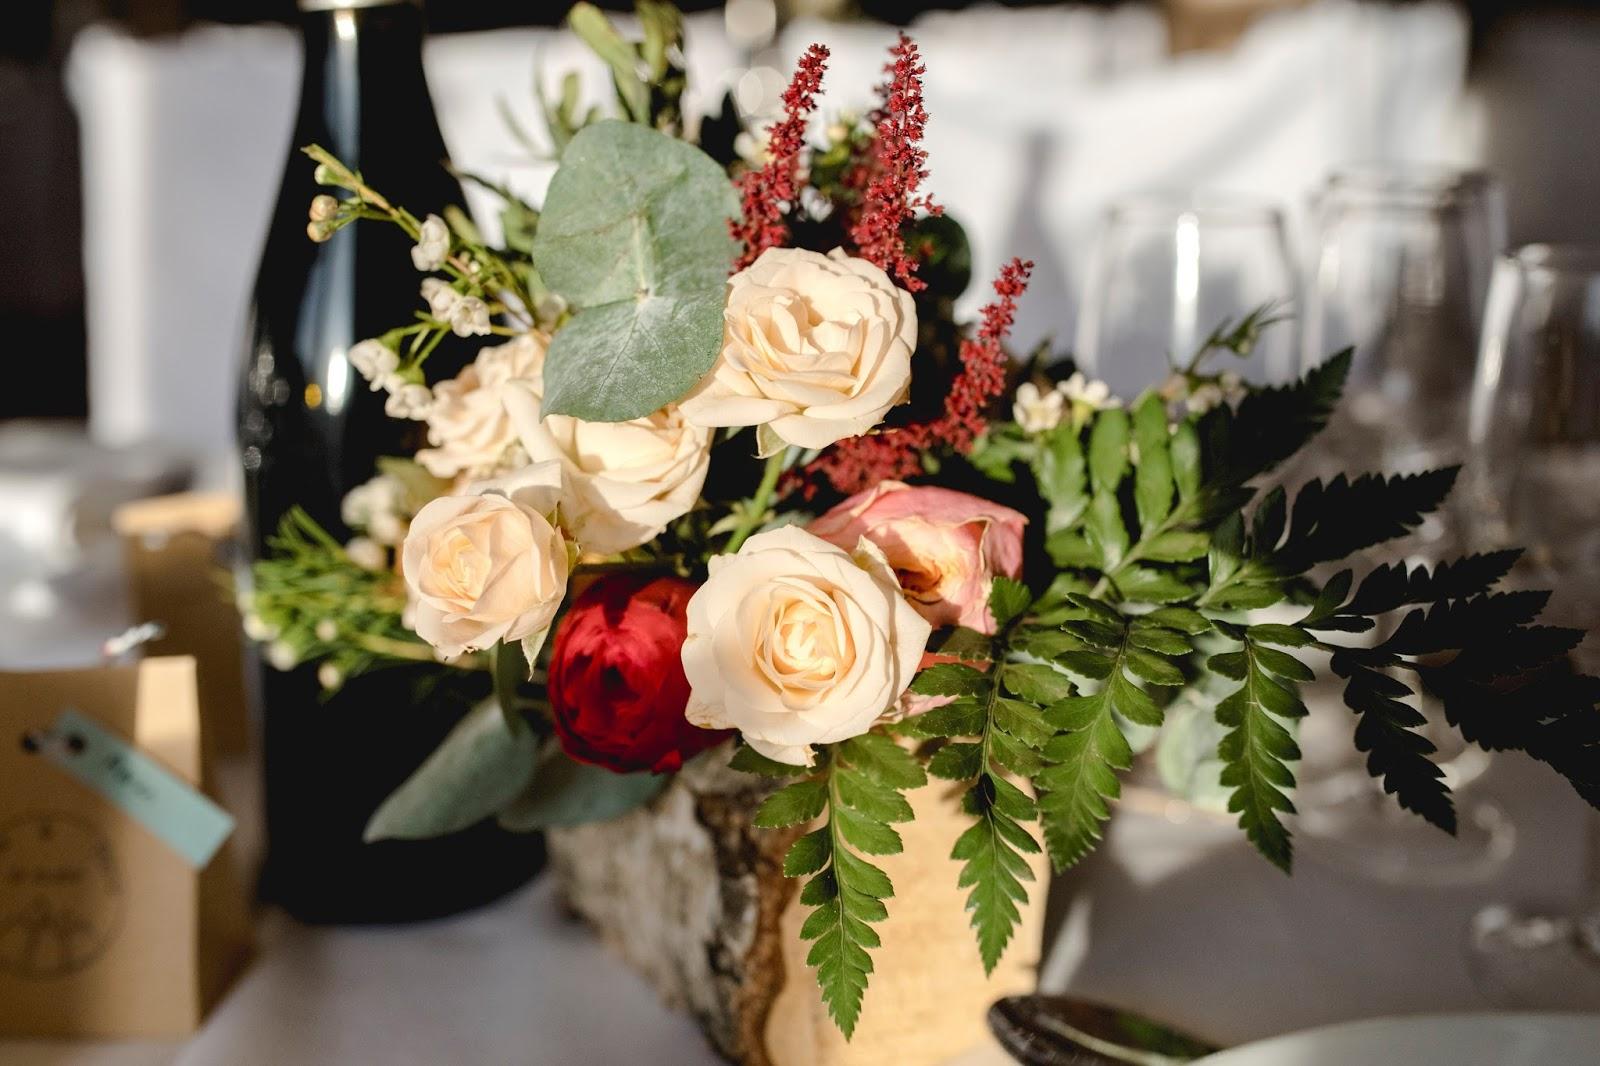 la petite boutique de fleurs fleuriste mariage lyon fleuriste mariage rh ne. Black Bedroom Furniture Sets. Home Design Ideas